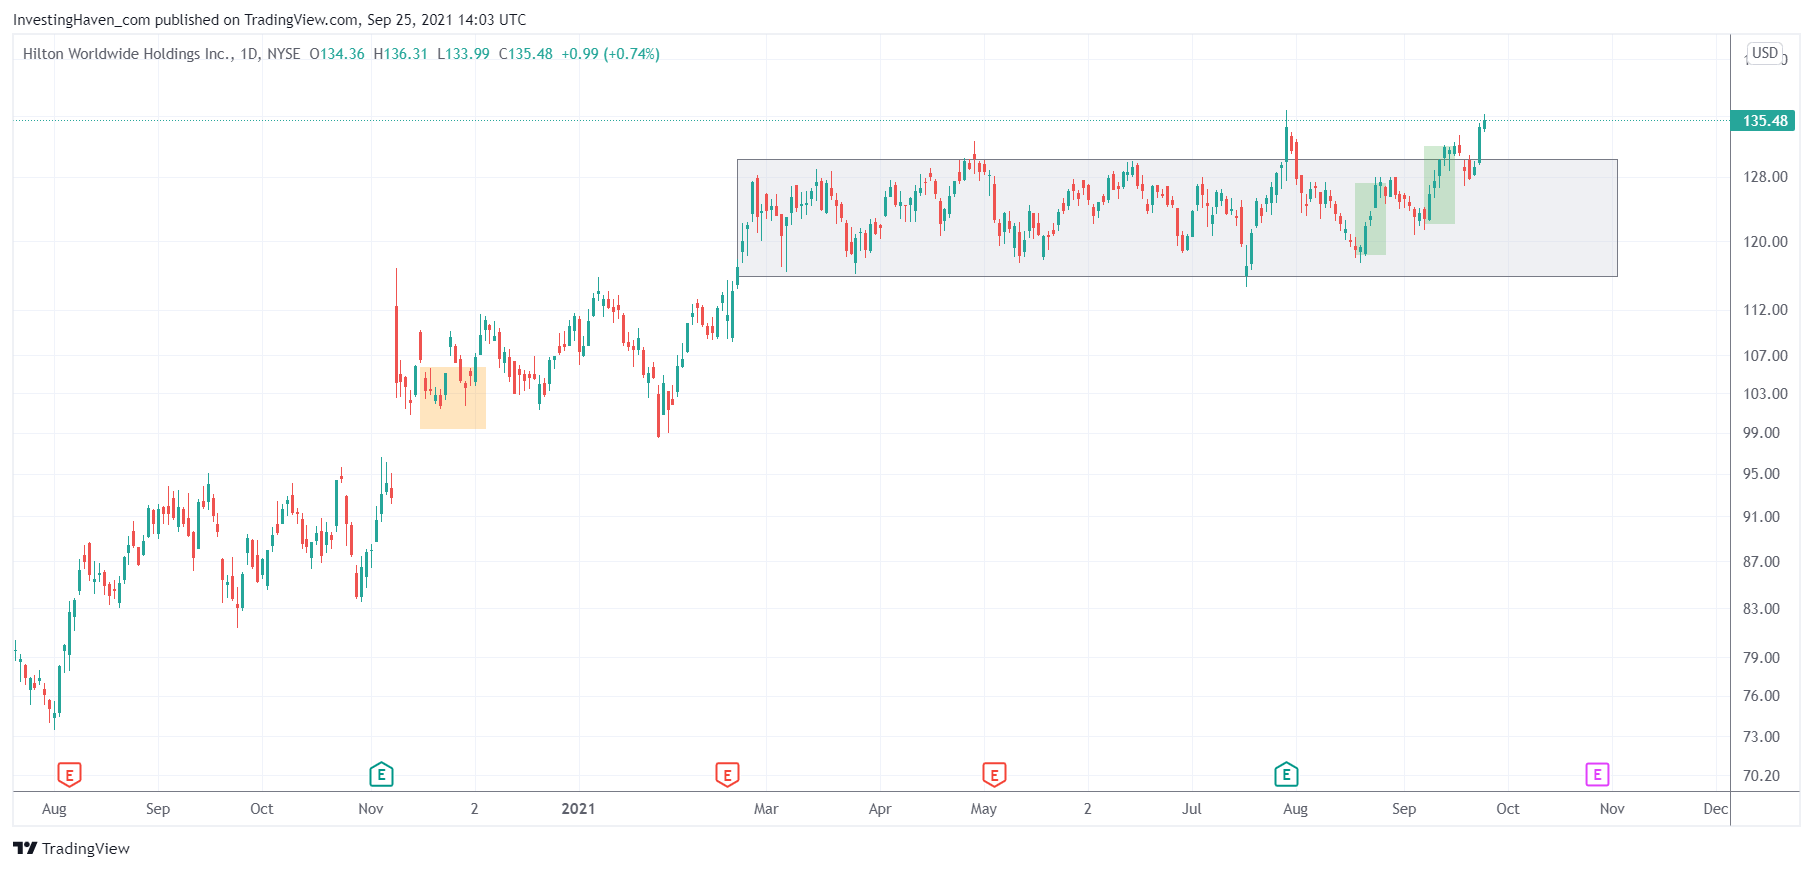 travel stocks HLT